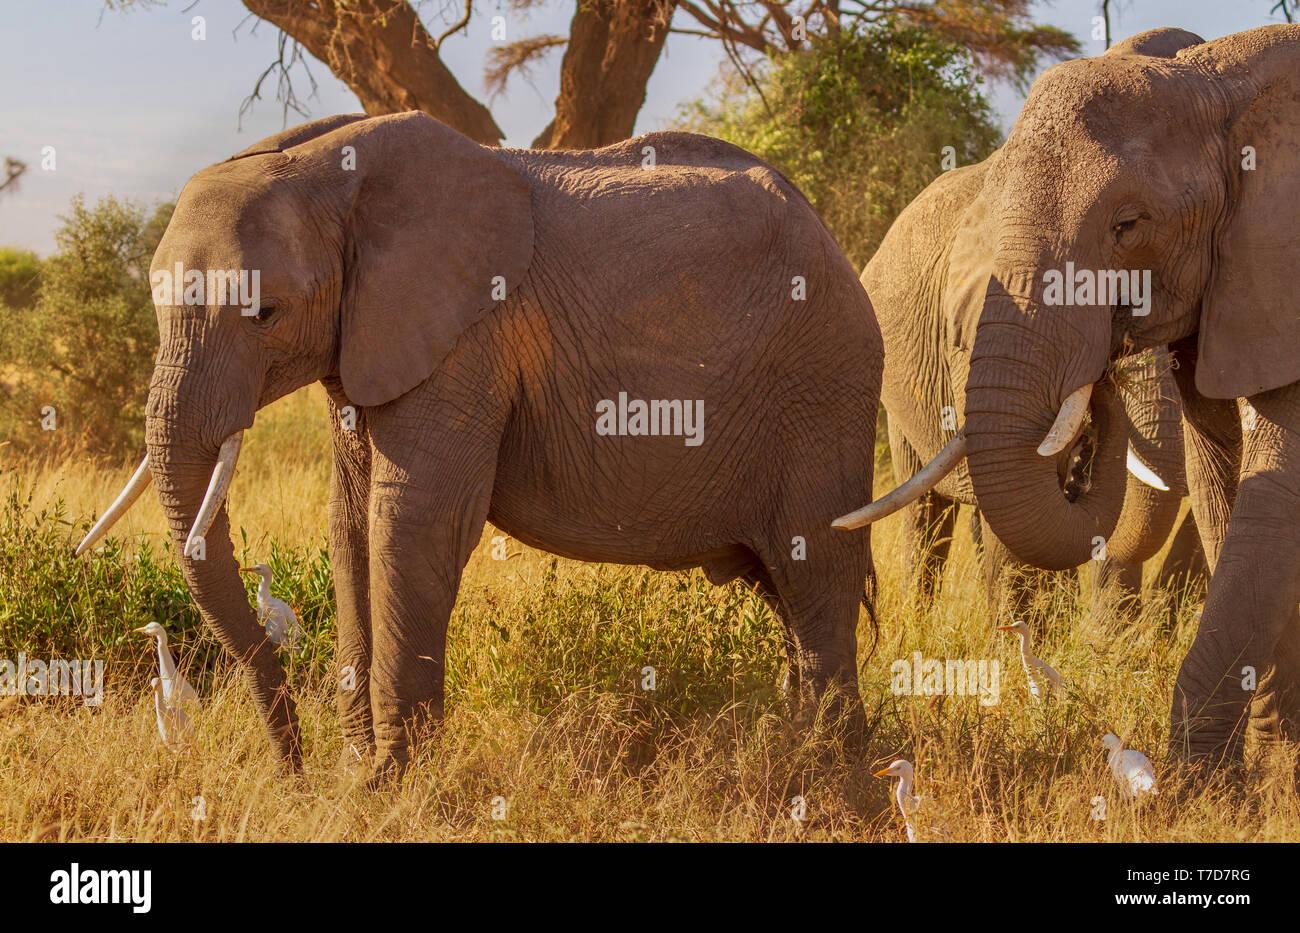 Smiling happy Elephants with tusks in warm sunshine Loxodonta Africana Safari travel Amboseli National Park Kenya East Africa Stock Photo